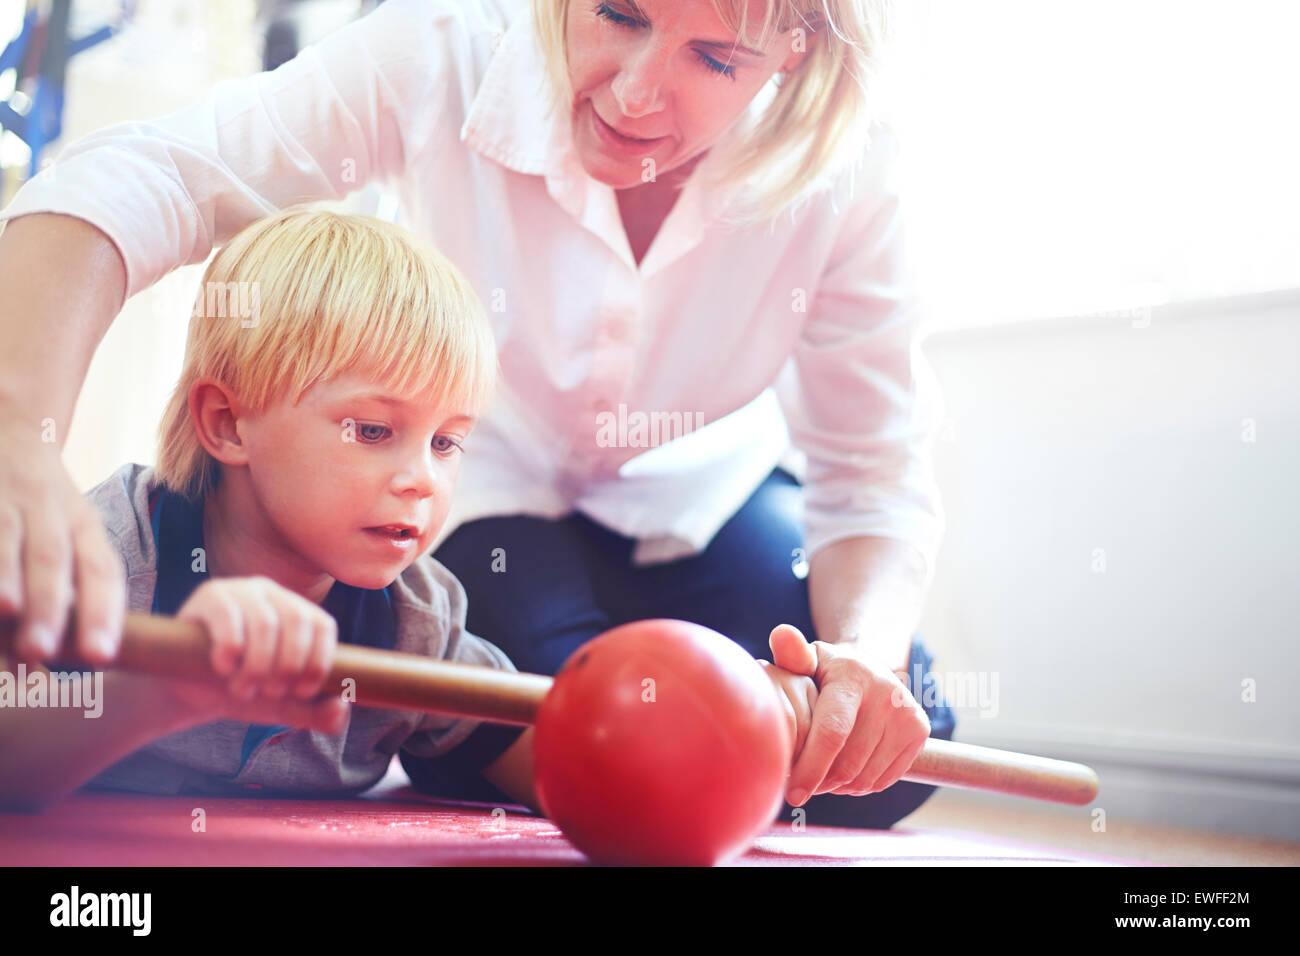 Thérapeute physique rolling ball boy directeurs avec stick Photo Stock